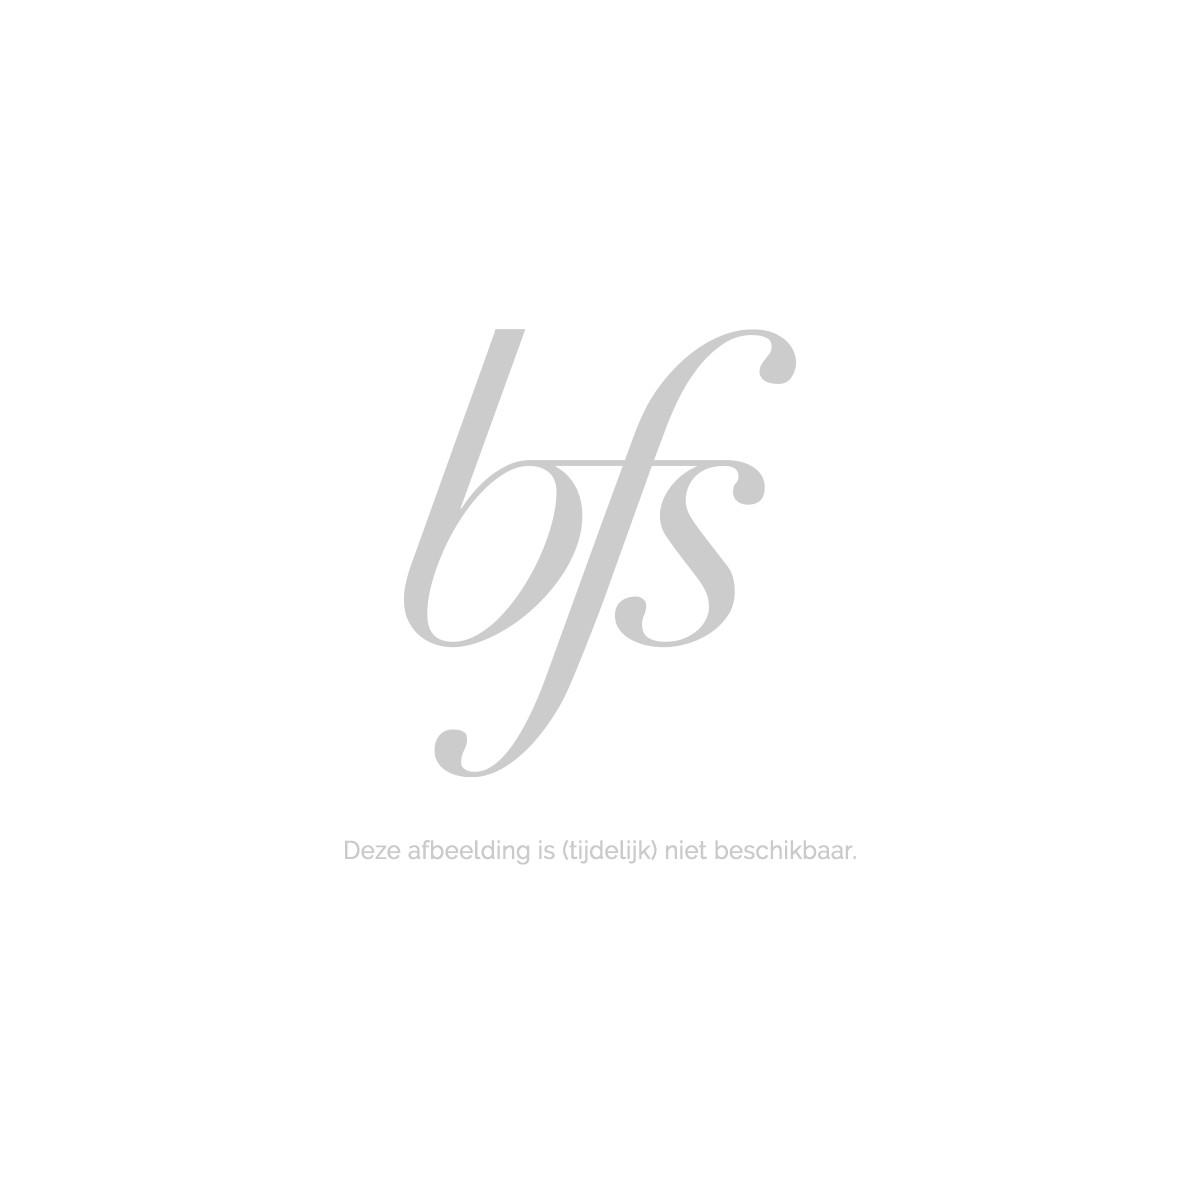 Gloria Vanderbilt Eau de Toilette 15 ml